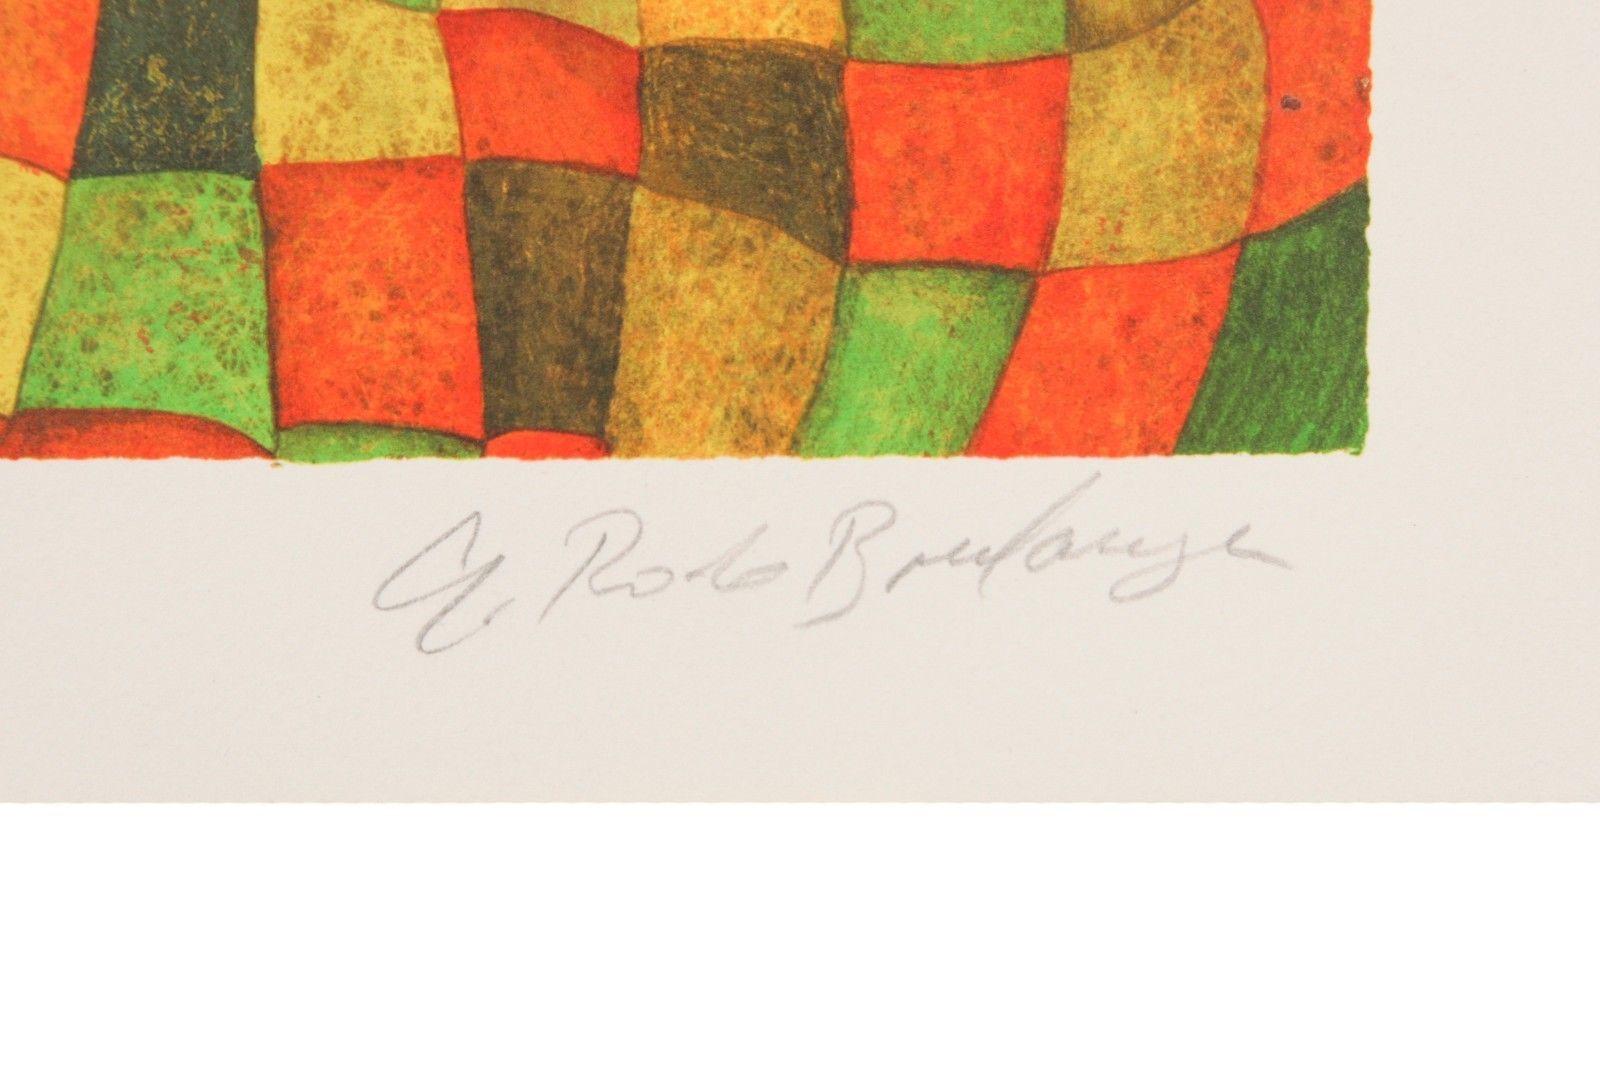 """"""" Amour,Tendresse """" von Graciela Rodo Boulanger Lithographie auf dem Papier Le image 3"""